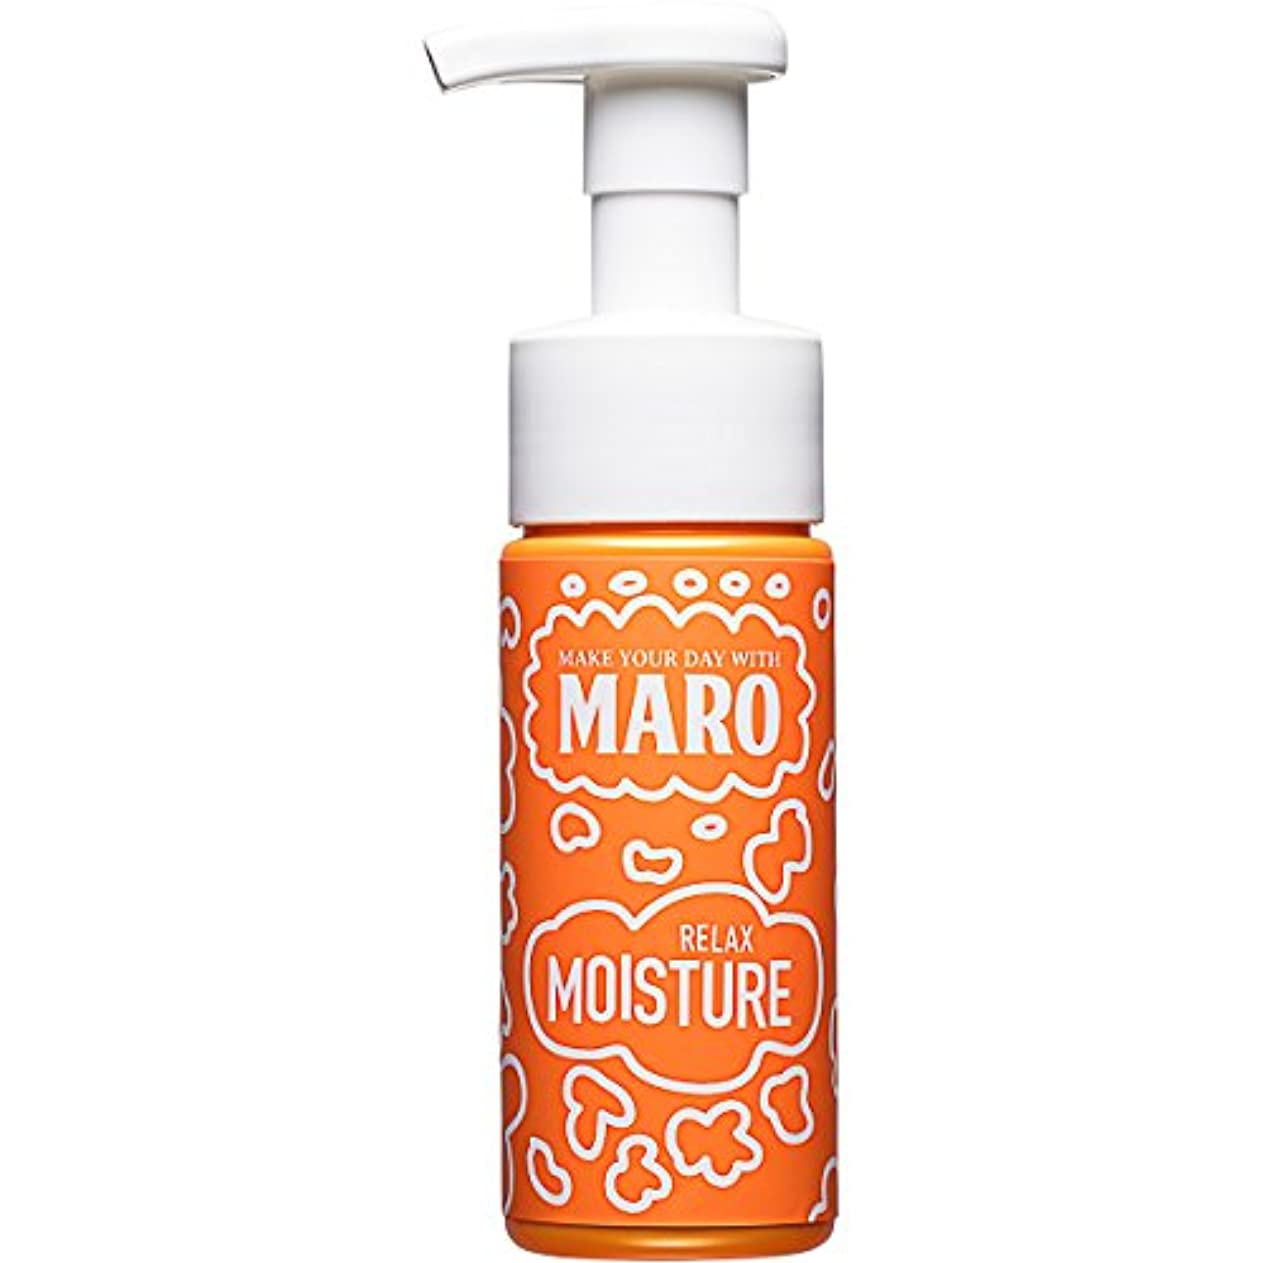 接続された征服者一杯MARO グルーヴィー 泡洗顔 リラックスモイスチャー 150ml